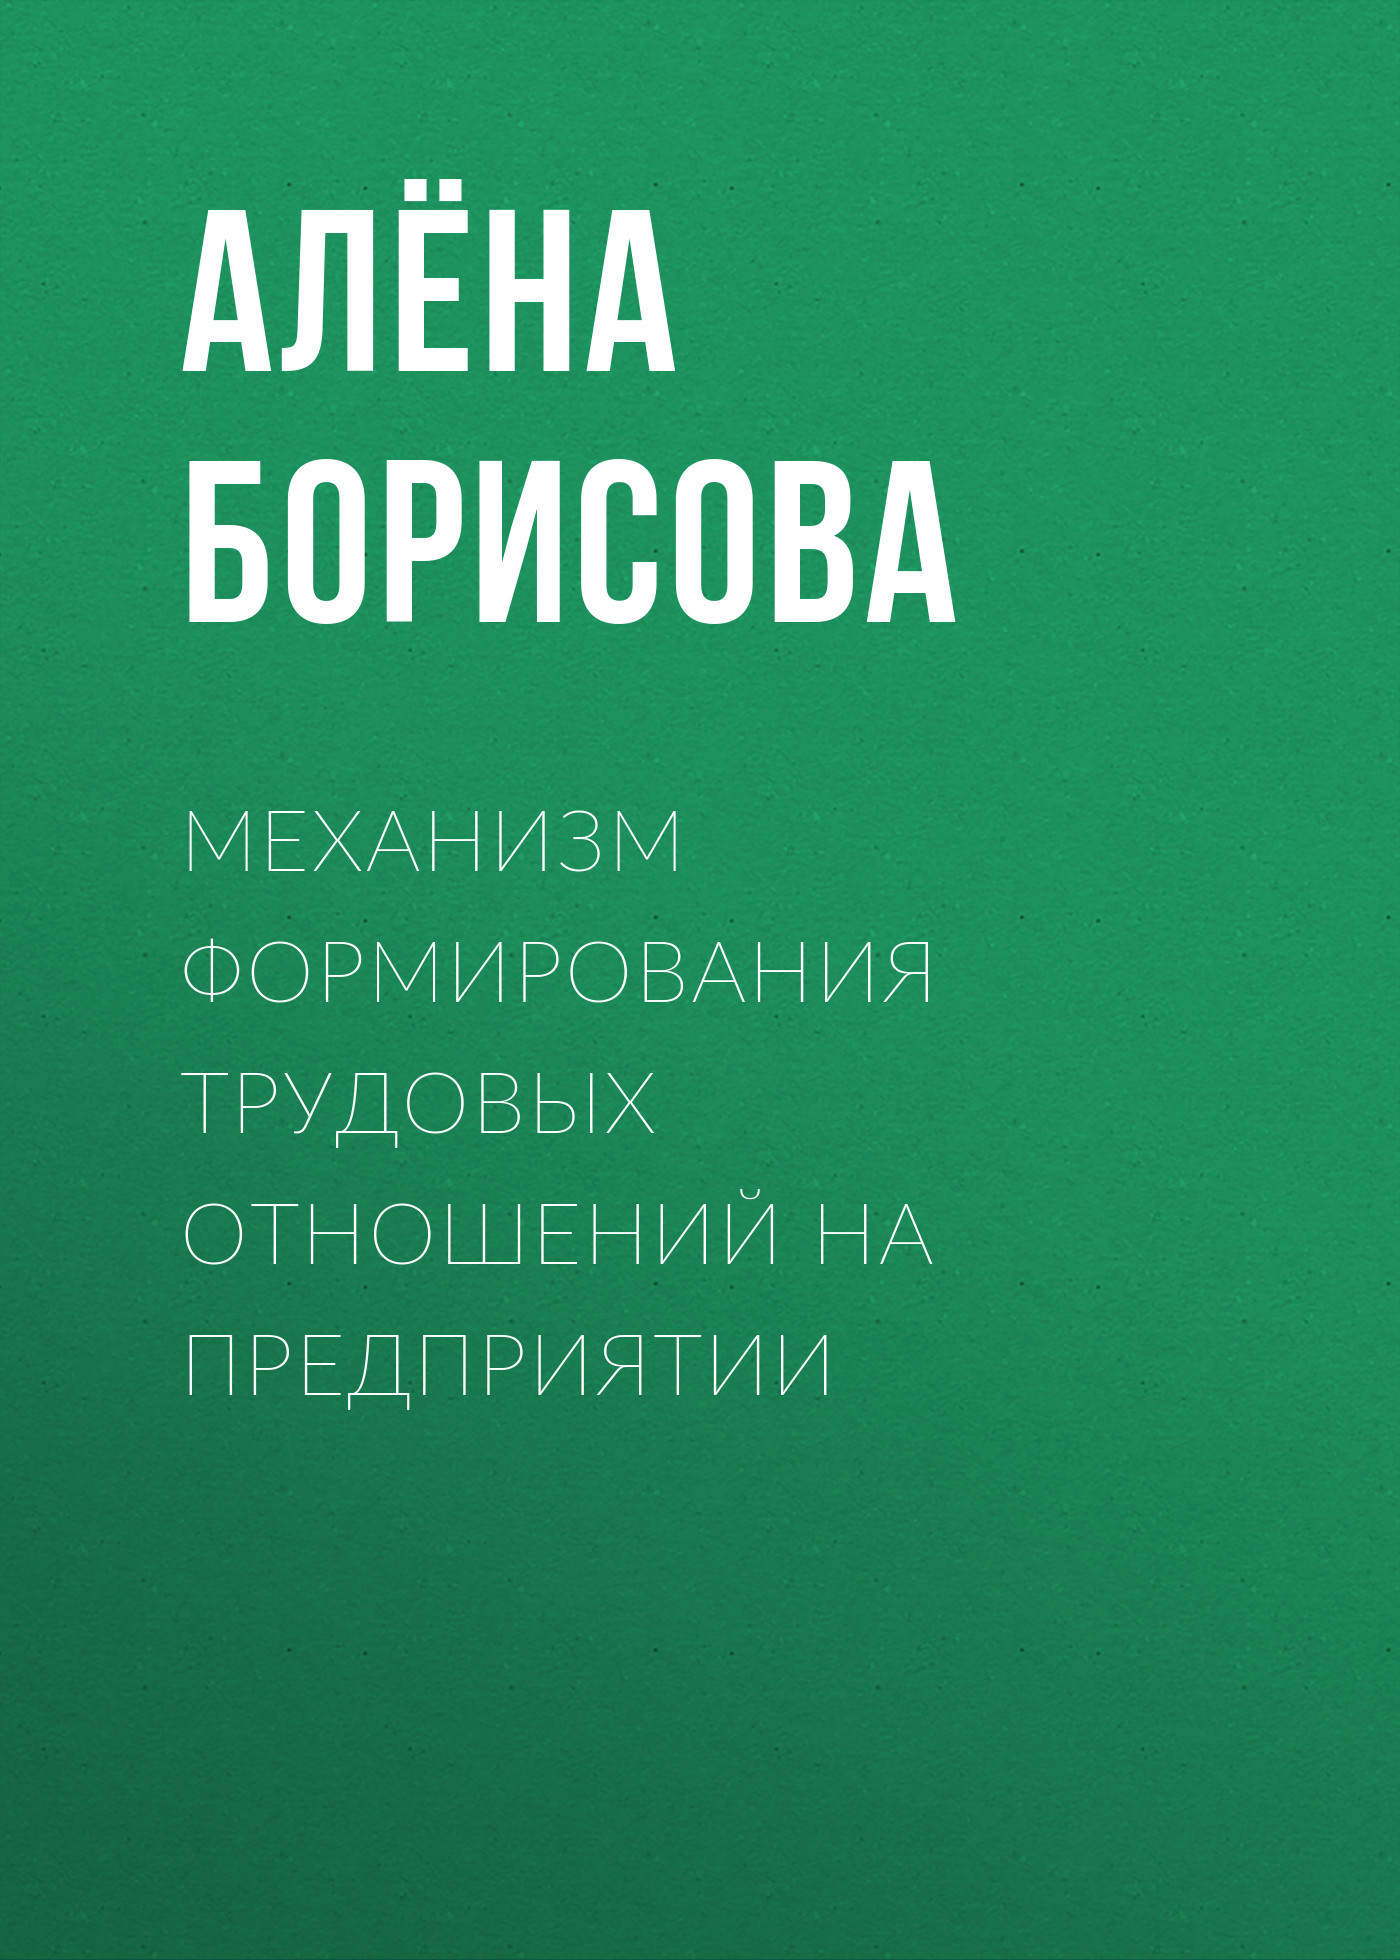 Обложка книги Механизм формирования трудовых отношений на предприятии, автор Алёна Борисова